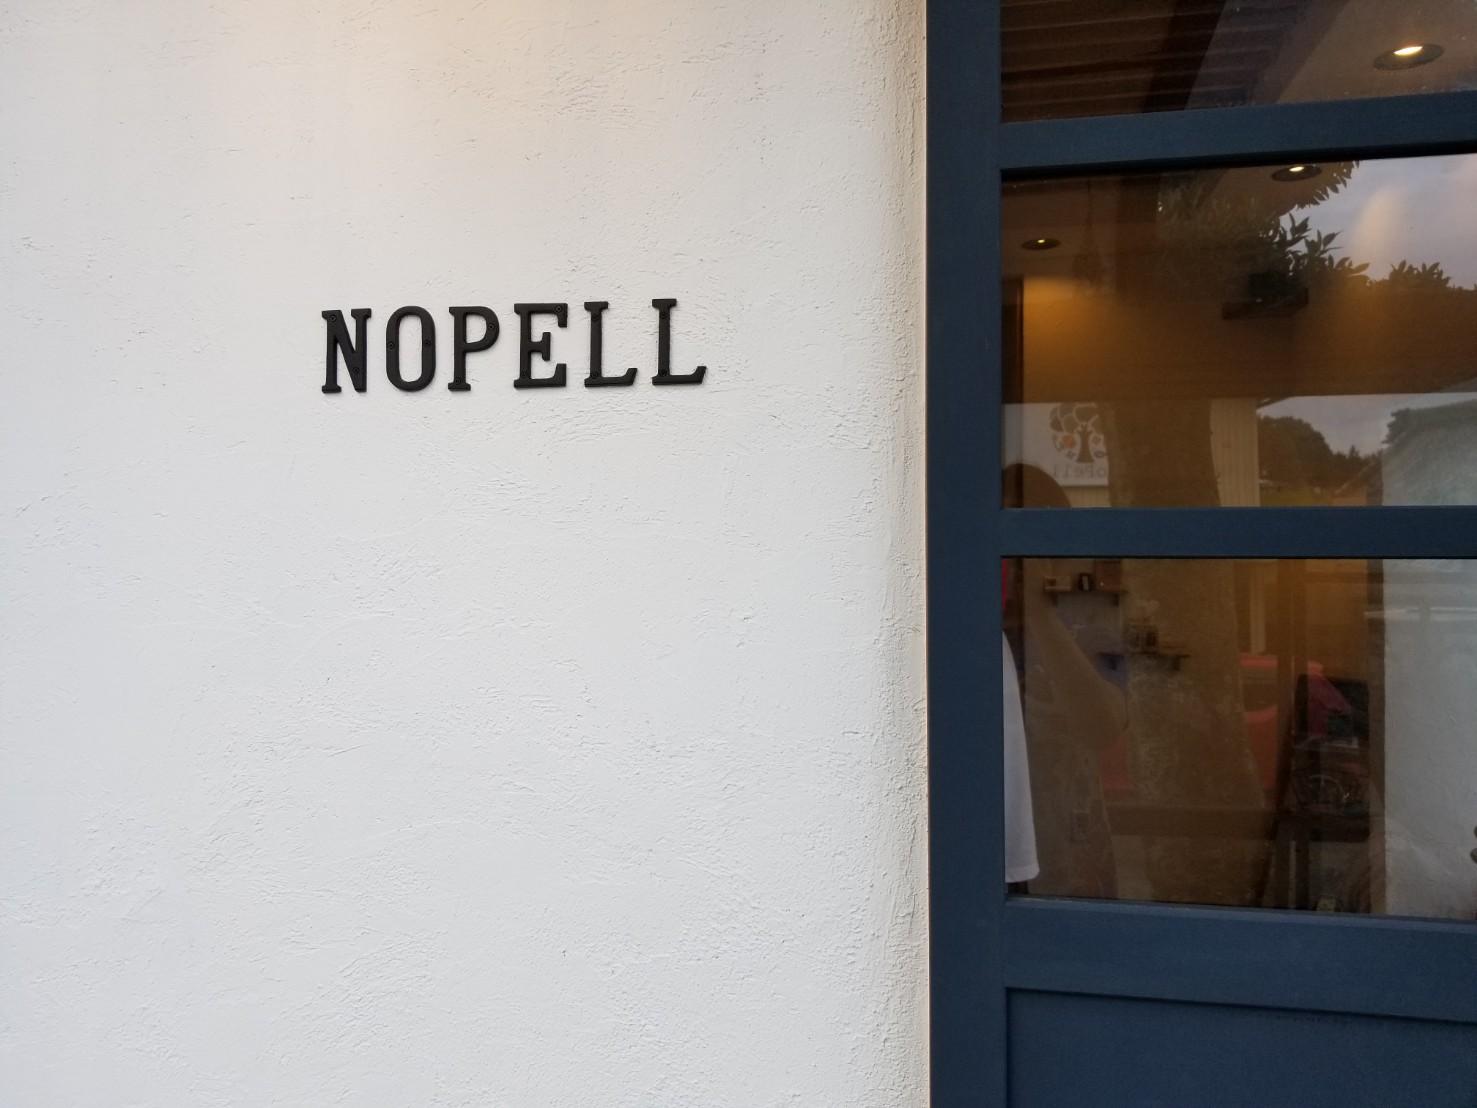 厚木のパン屋、ノペル